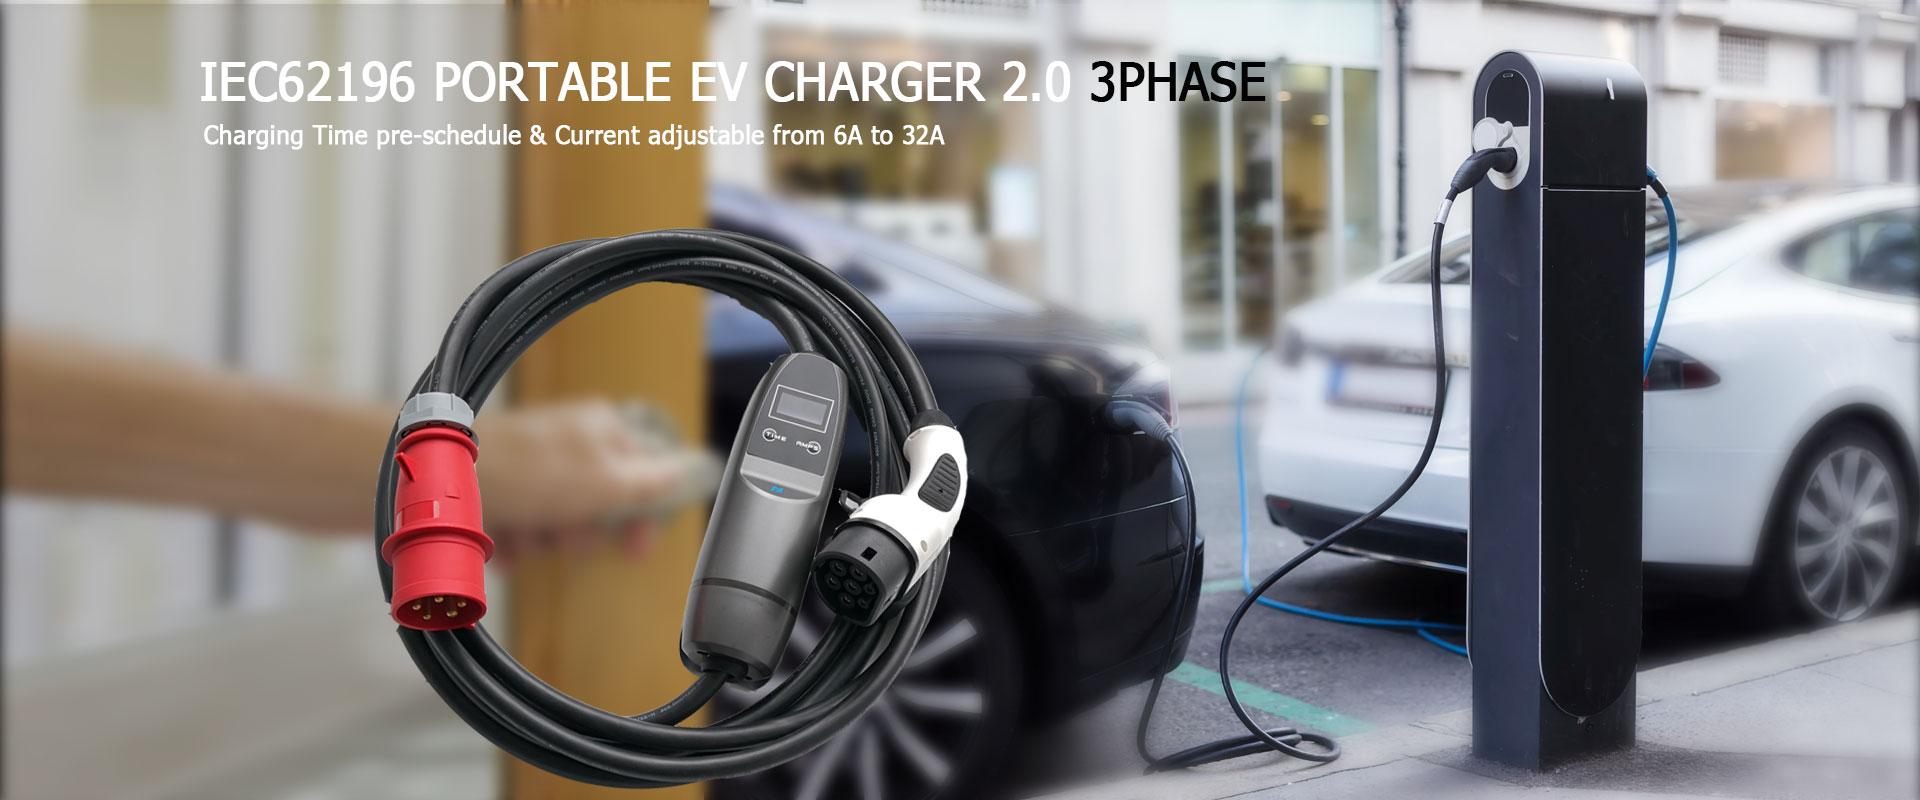 ev charger manufacturer